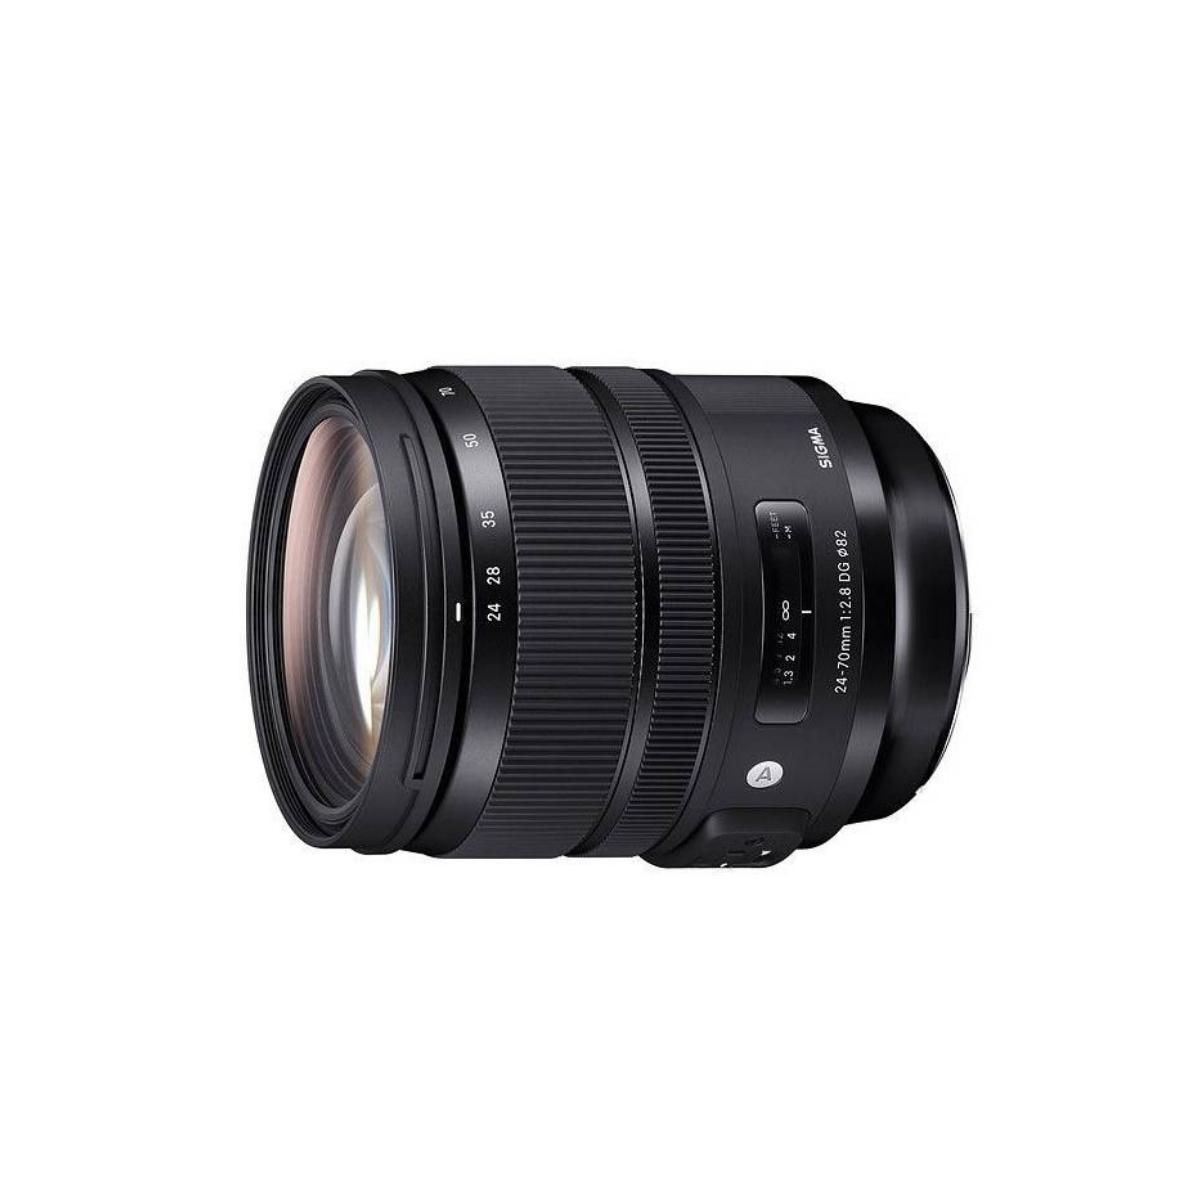 Sigma Nikon Objetivo Pro 24-70mm f/2.8 DG AF OS HSM Art